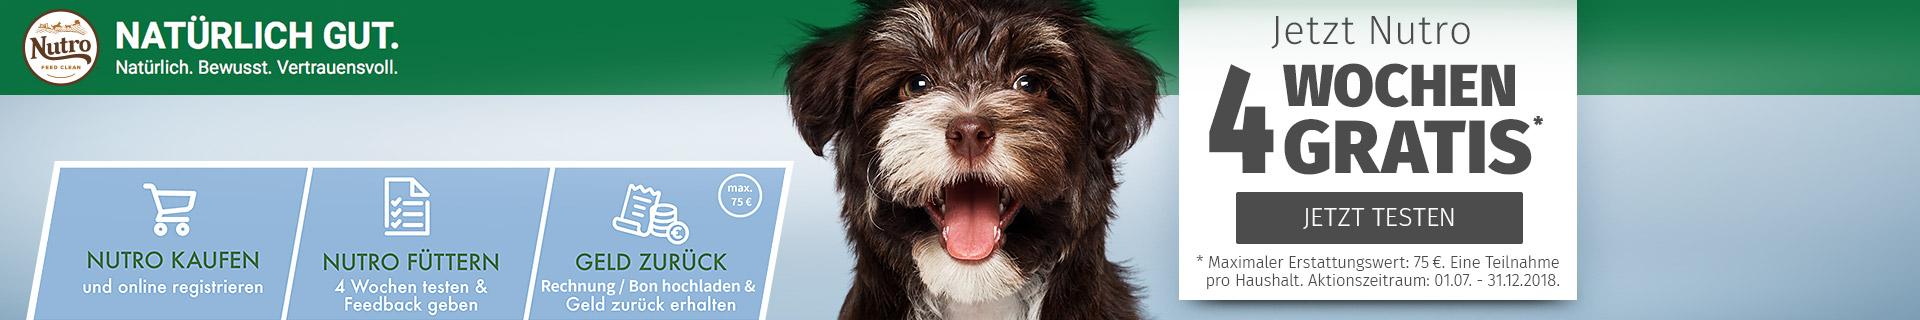 Nutro Hundefutter Payback Aktion